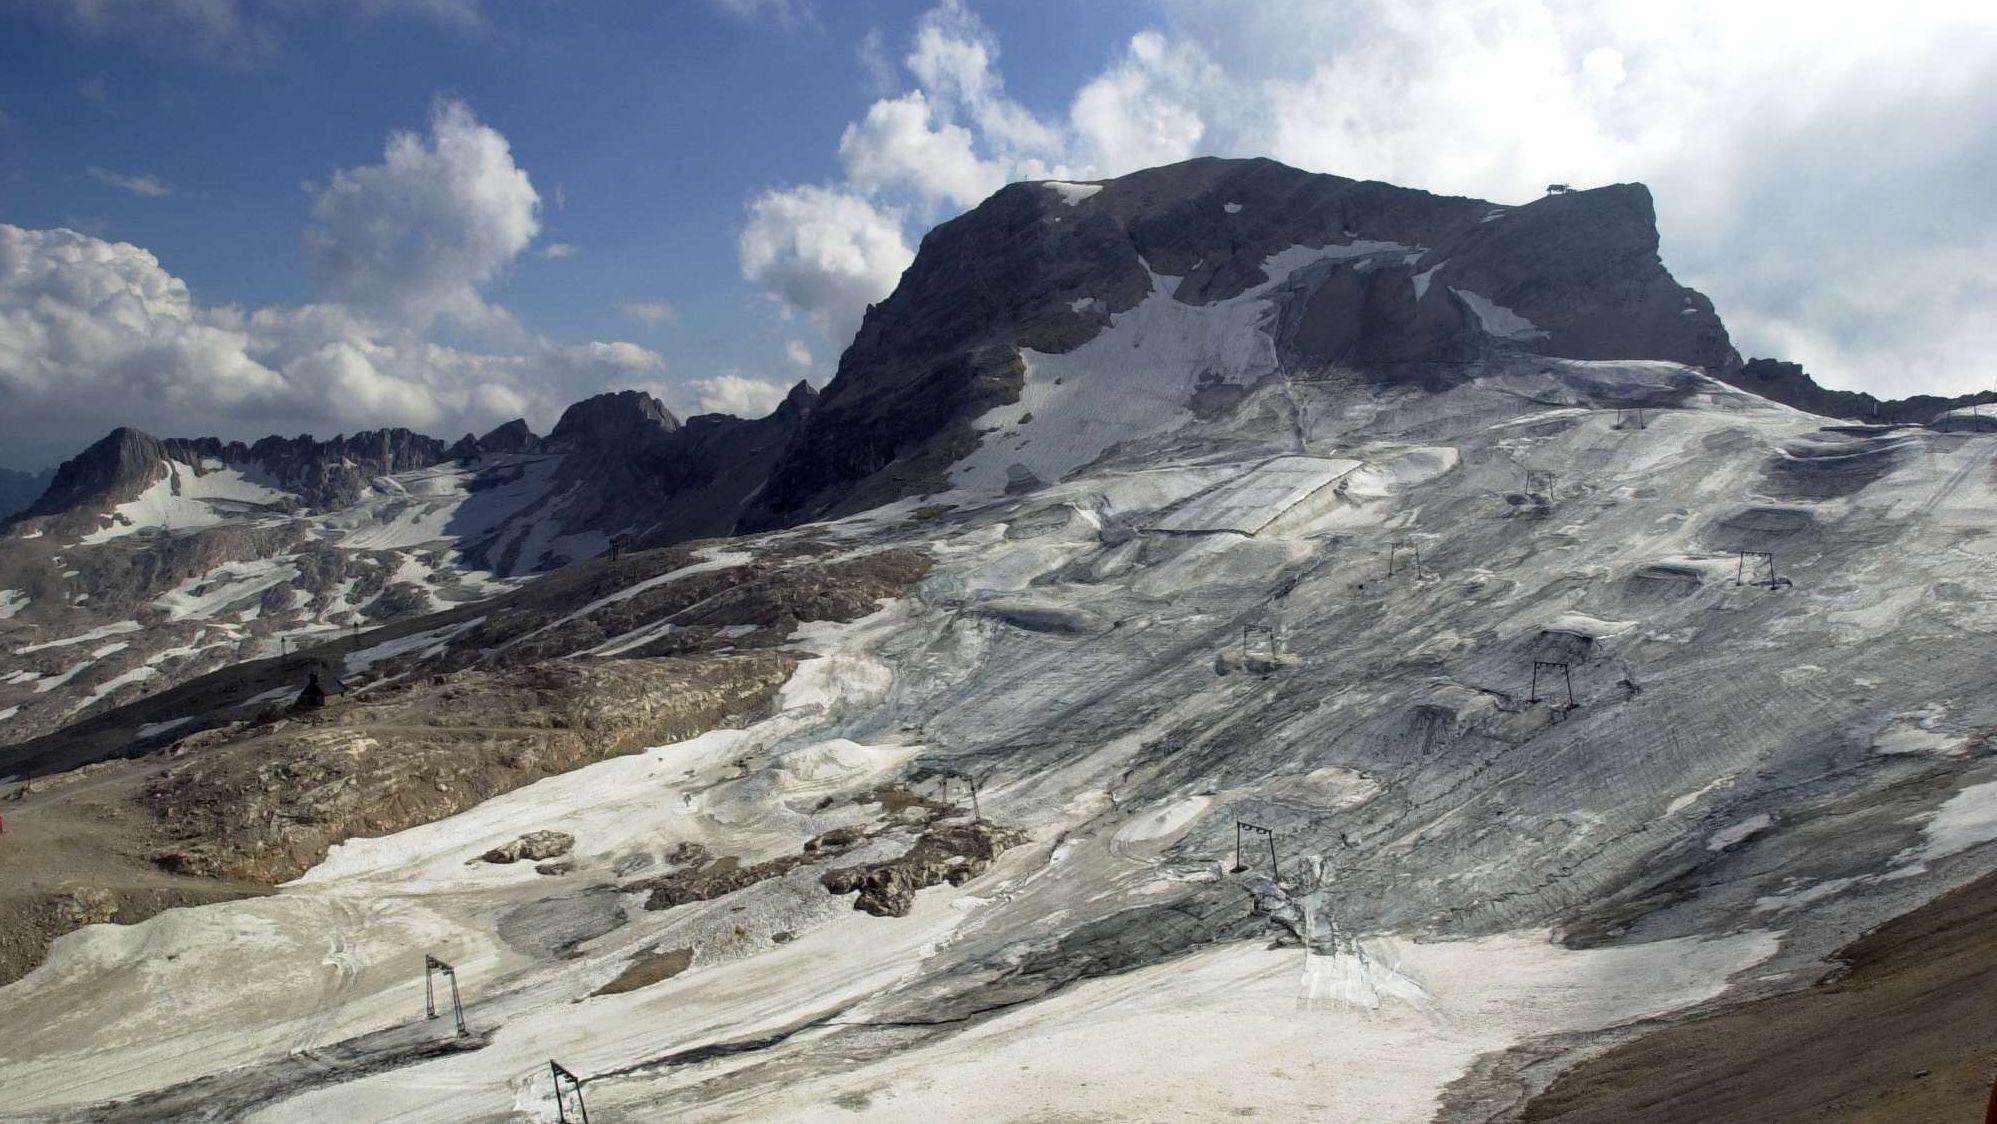 Der Zugspitzgletscher - ein kleiner Rest eines ursprünglich beeindruckenden Gletschers in den Alpen.